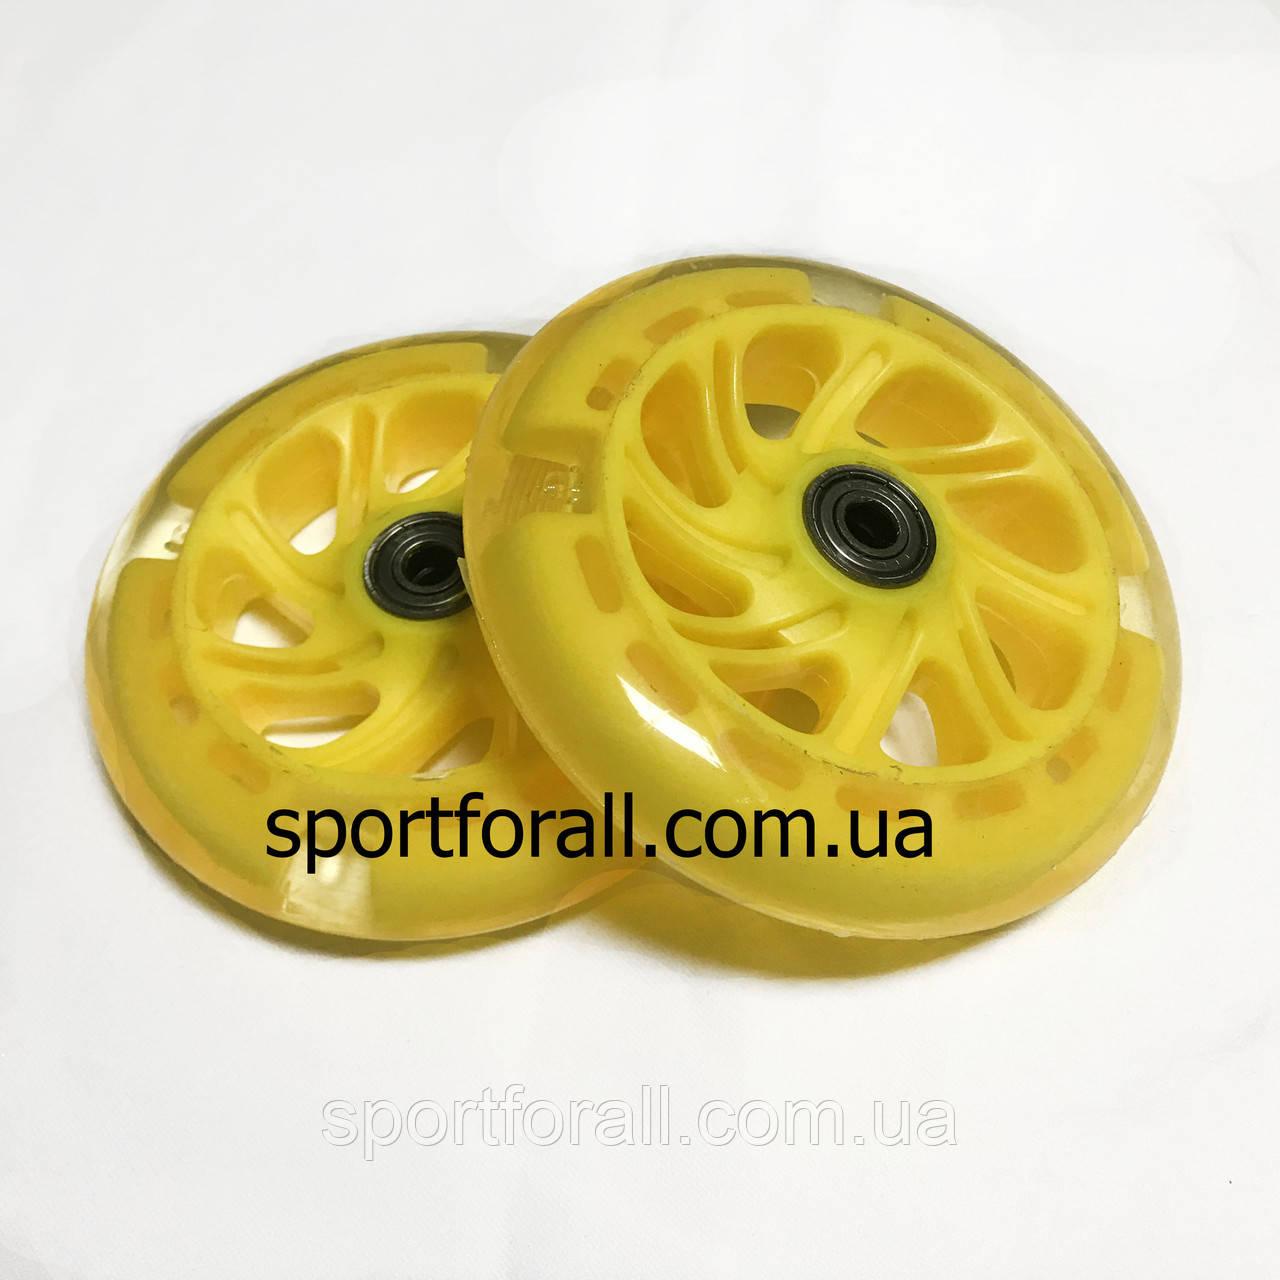 Колеса для самоката с подшипником светящиеся 2шт 125мм (желтые)